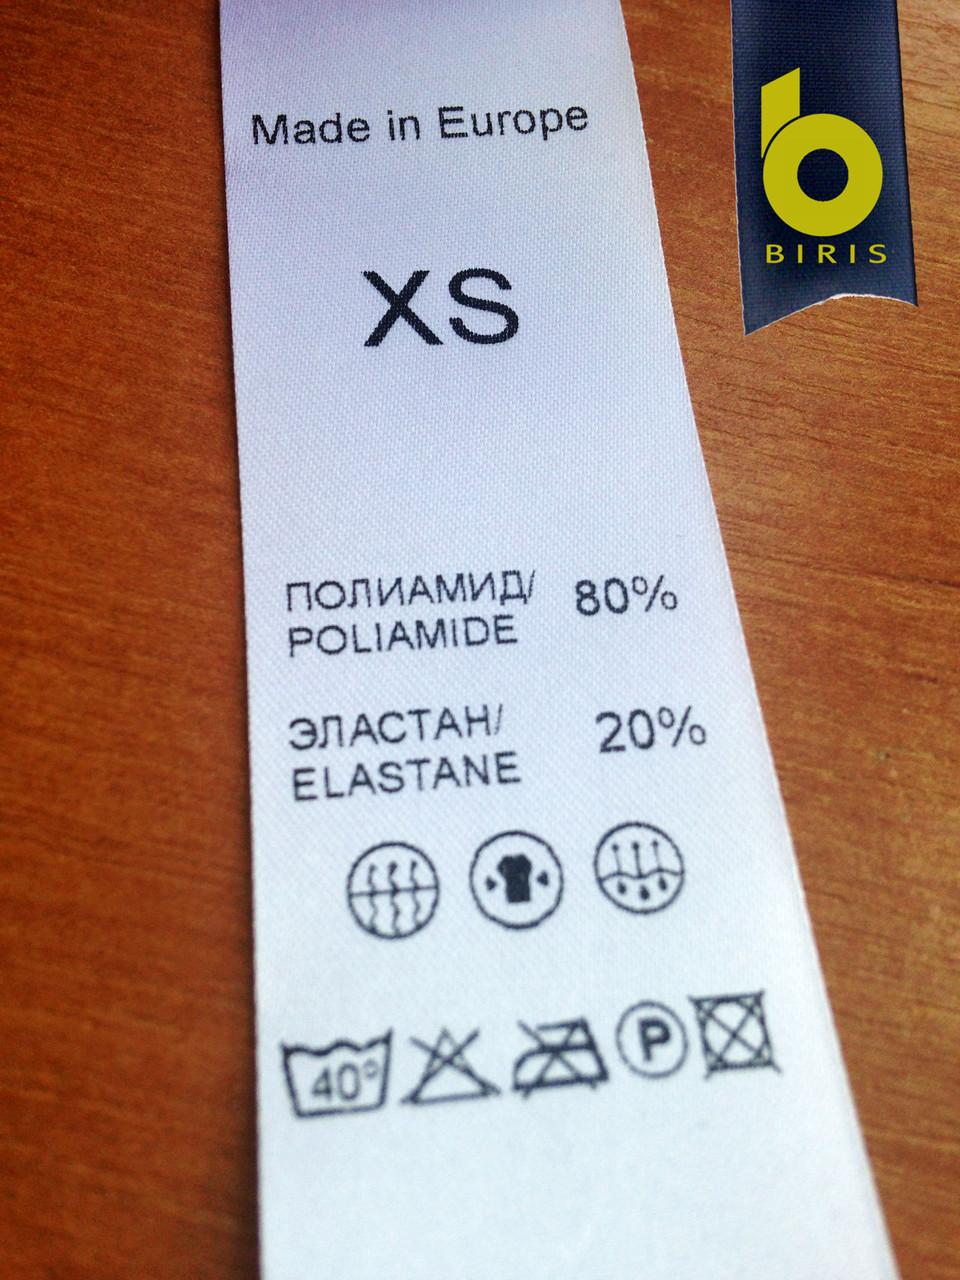 Бирки для одежды - ООО Бирис в Одессе e8e6441e068be